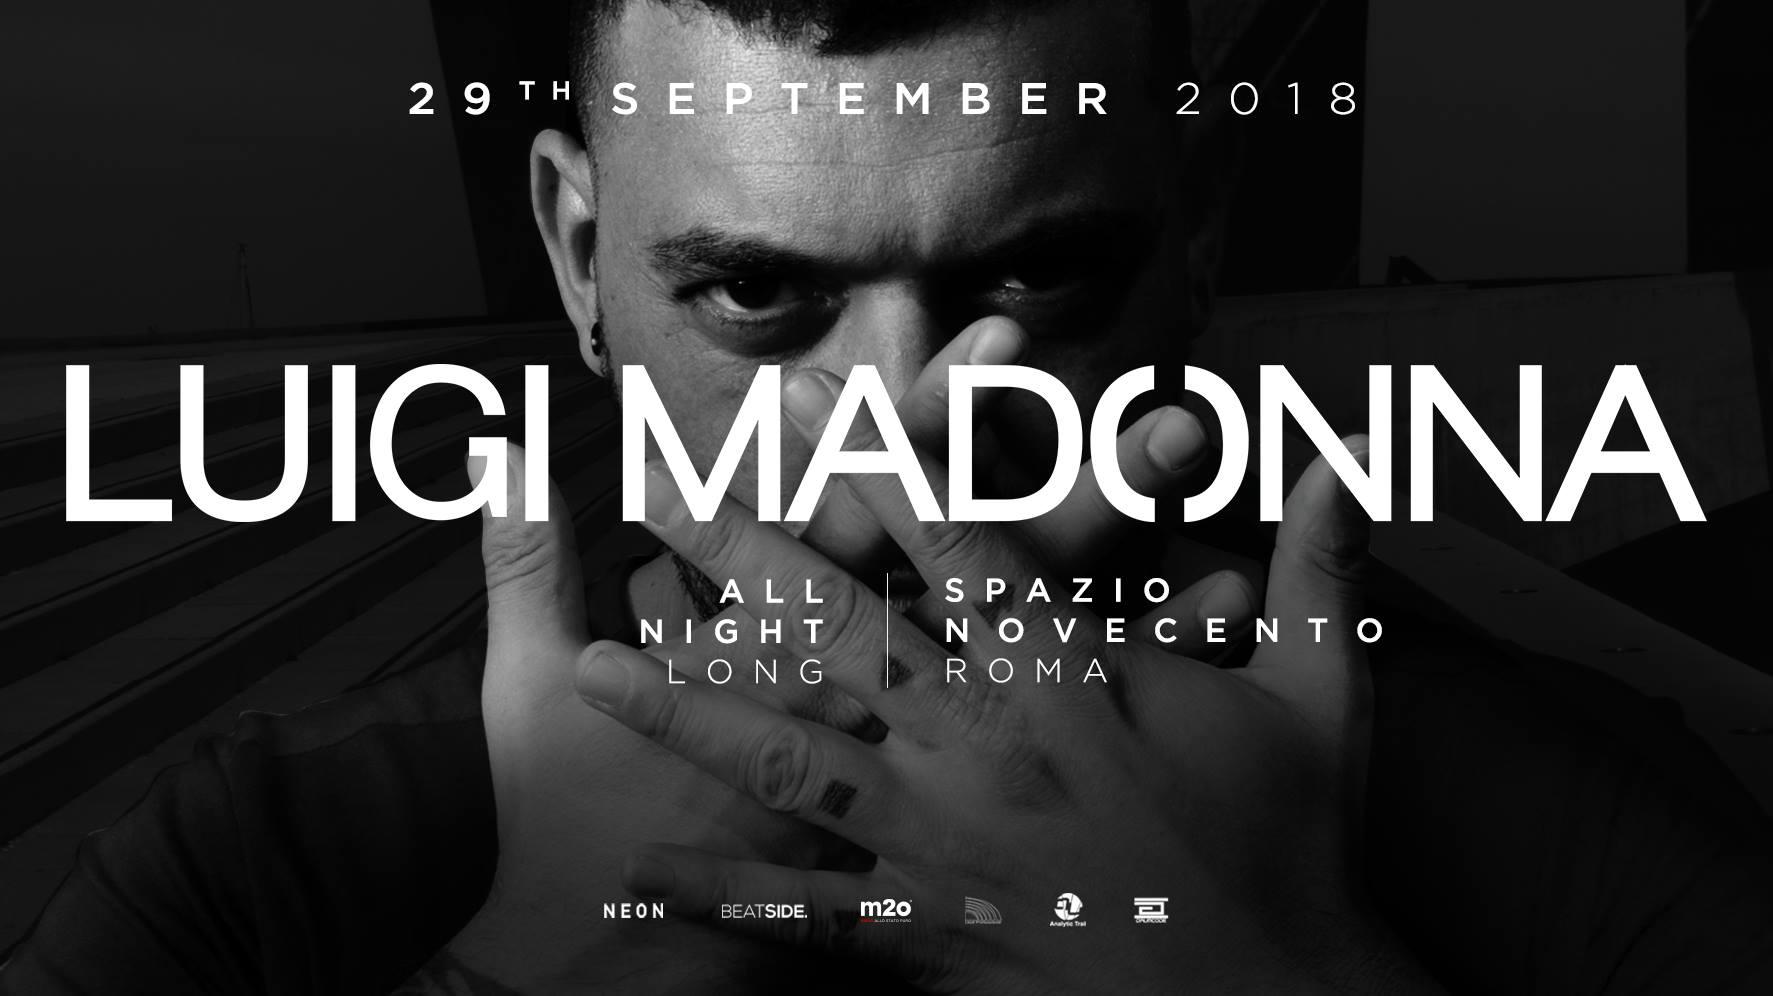 Luigi Madonna @ Spazio Novecento Roma – 29 Settembre 2018 Ticket Pacchetti Hotel